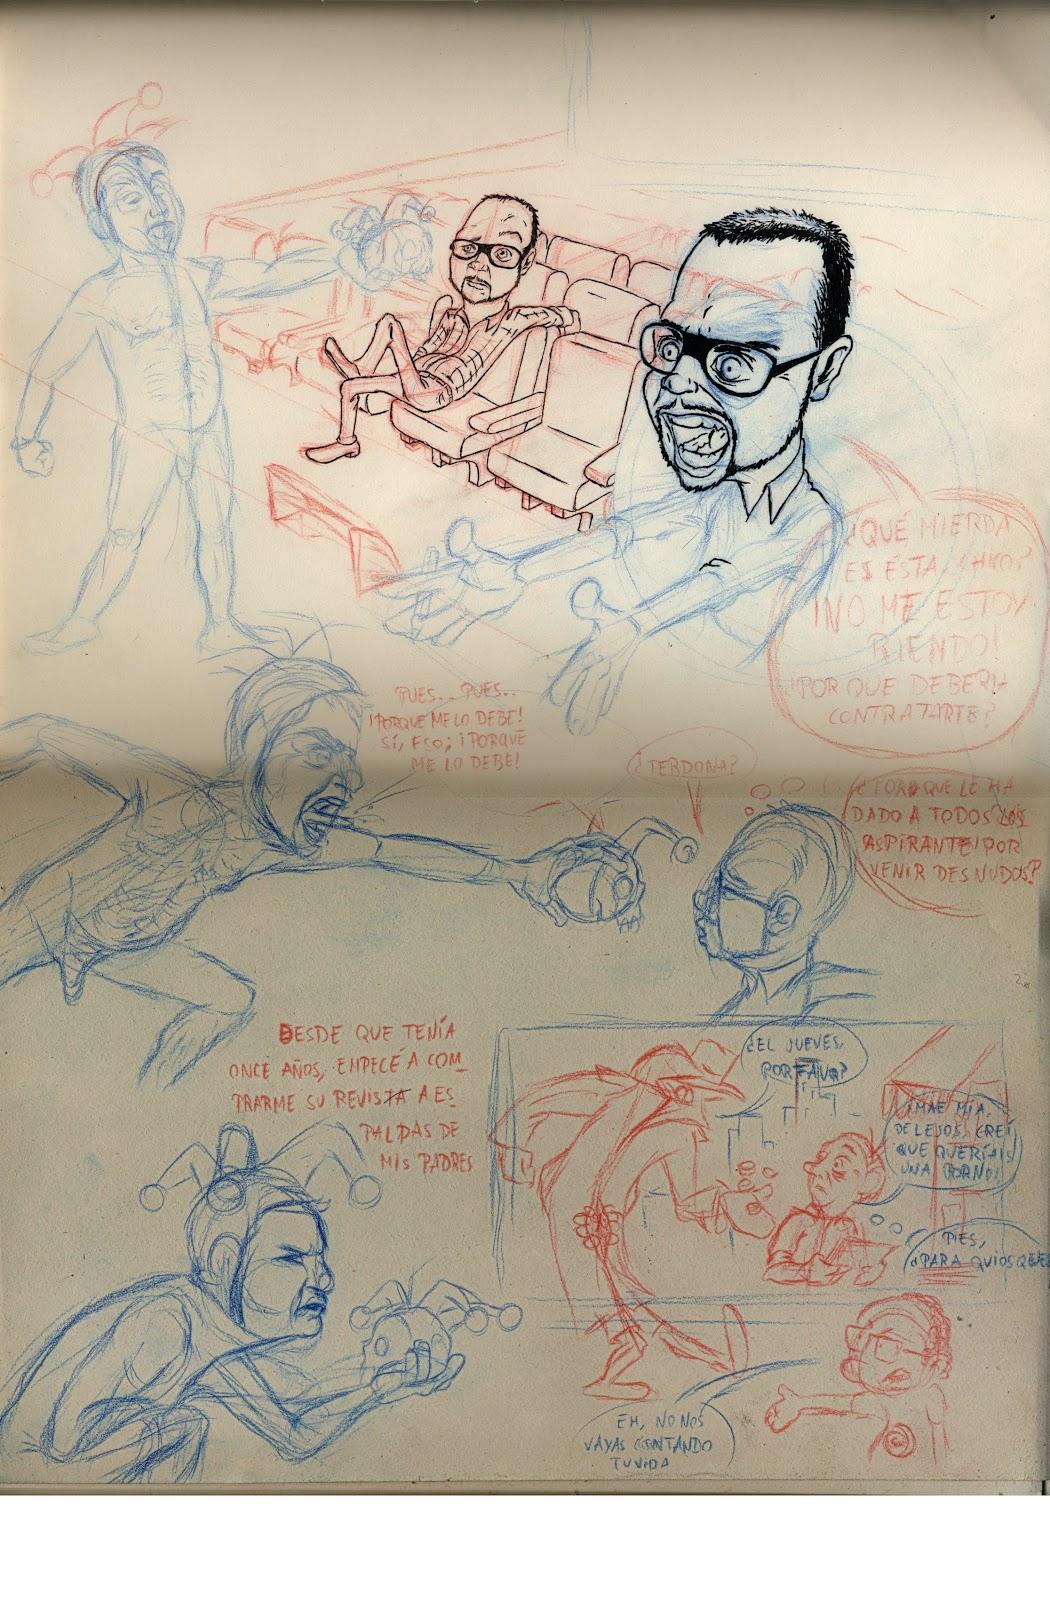 Ilustraciones sueltas chulas encontradas por el internete - Página 4 Pag01